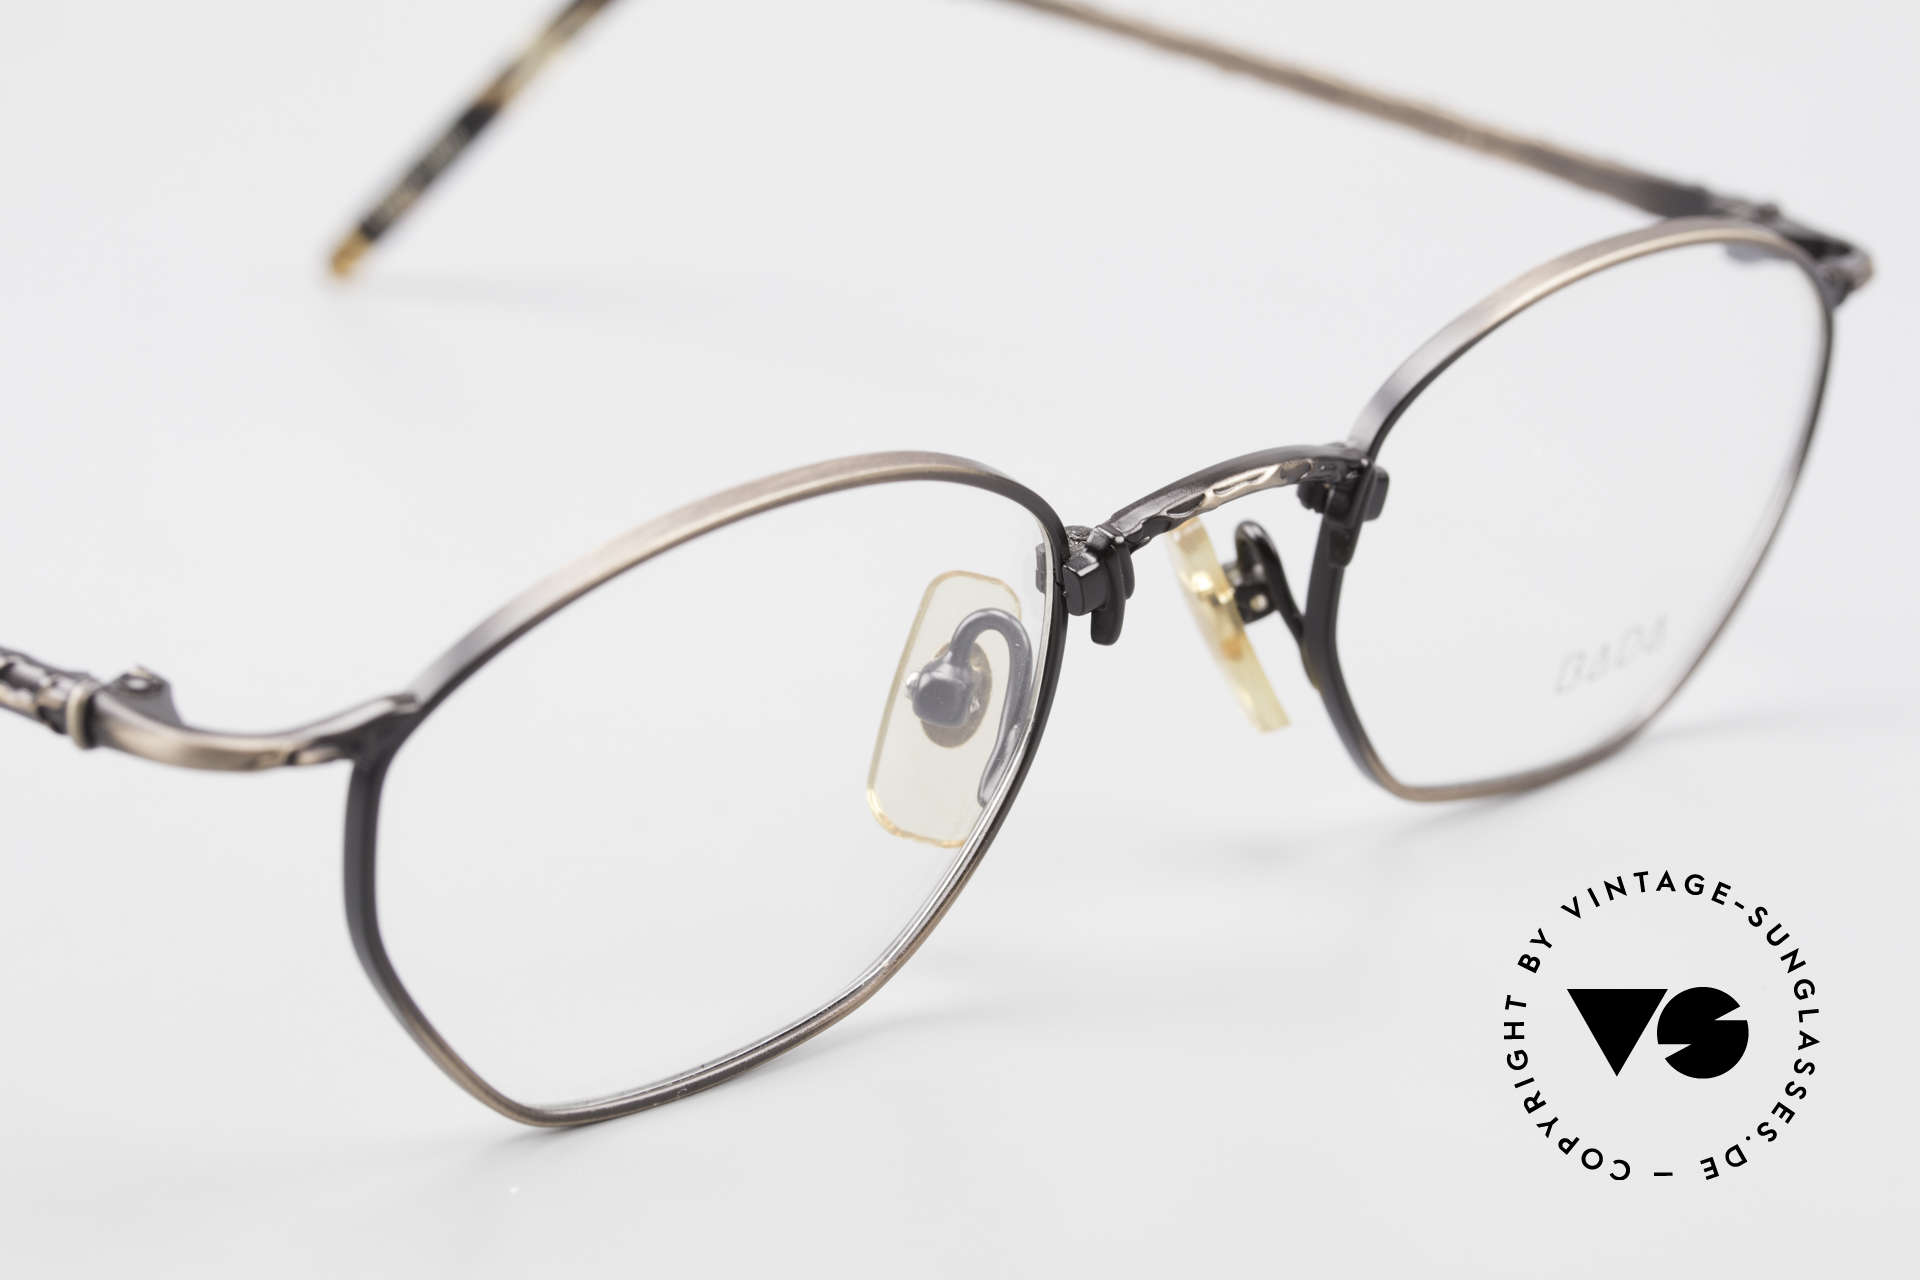 Bada BL1353 Oliver Peoples Eyevan Style, KEINE RETRObrille, sondern ein einzigartiges Original, Passend für Herren und Damen